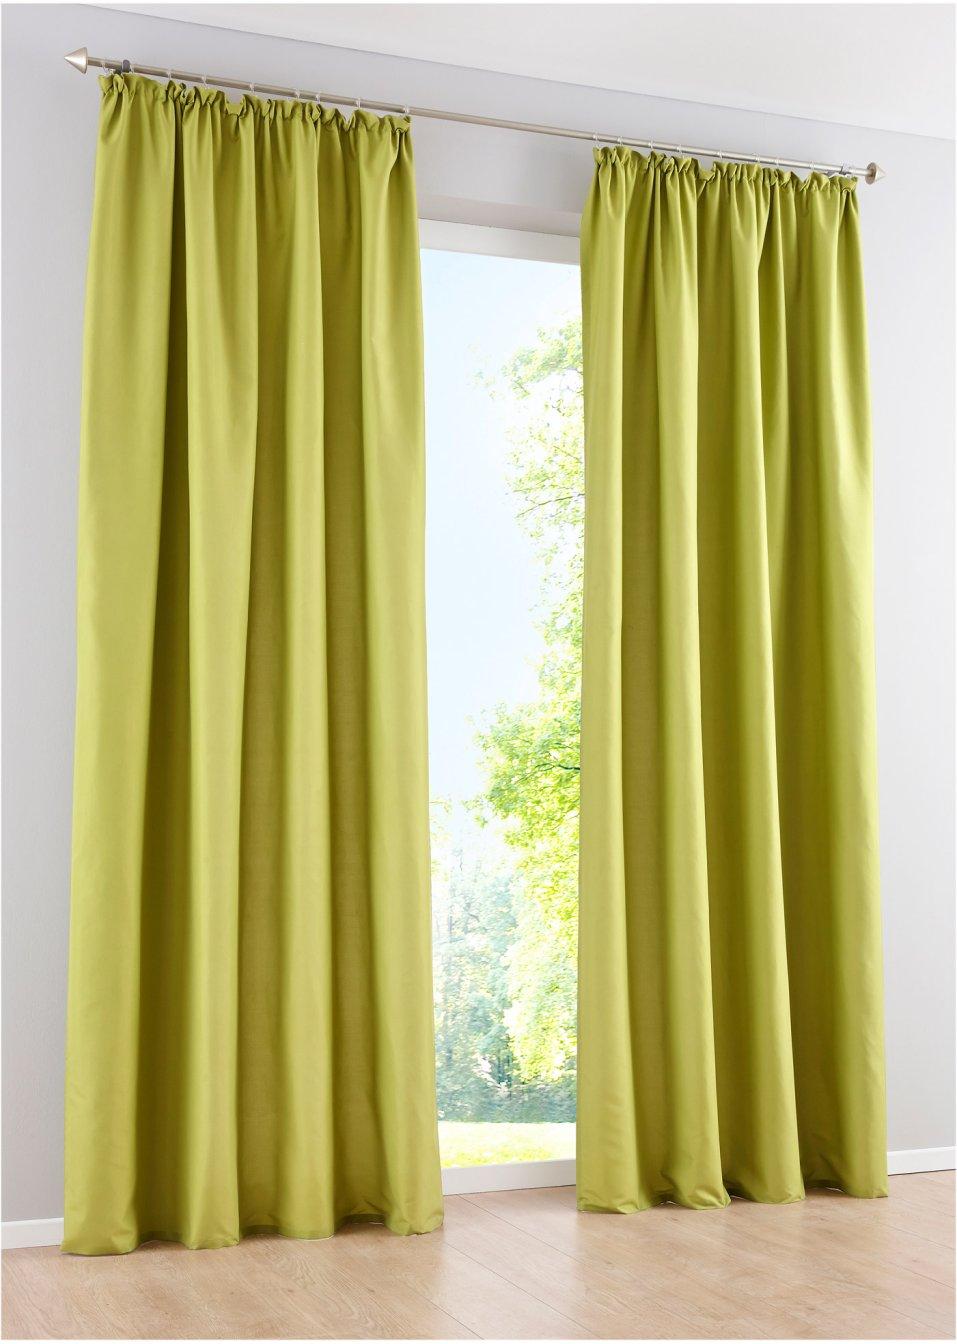 Full Size of Vorhang Mit Weichem Mikrofaser Touch Grn Vorhänge Wohnzimmer Bonprix Betten Schlafzimmer Küche Wohnzimmer Bon Prix Vorhänge